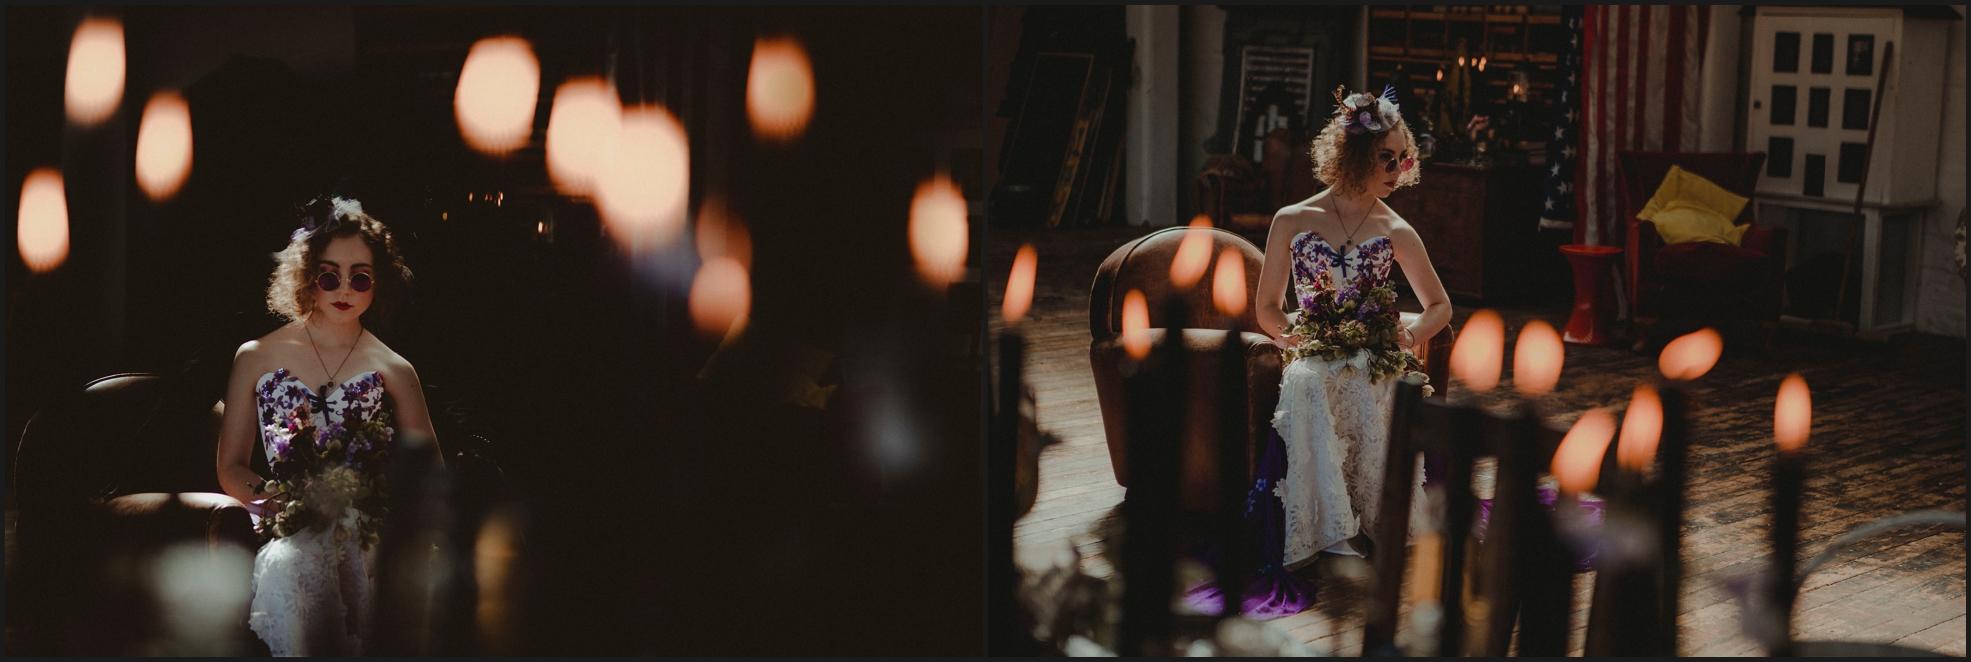 candles, bride, portrait, gothic, bouquet